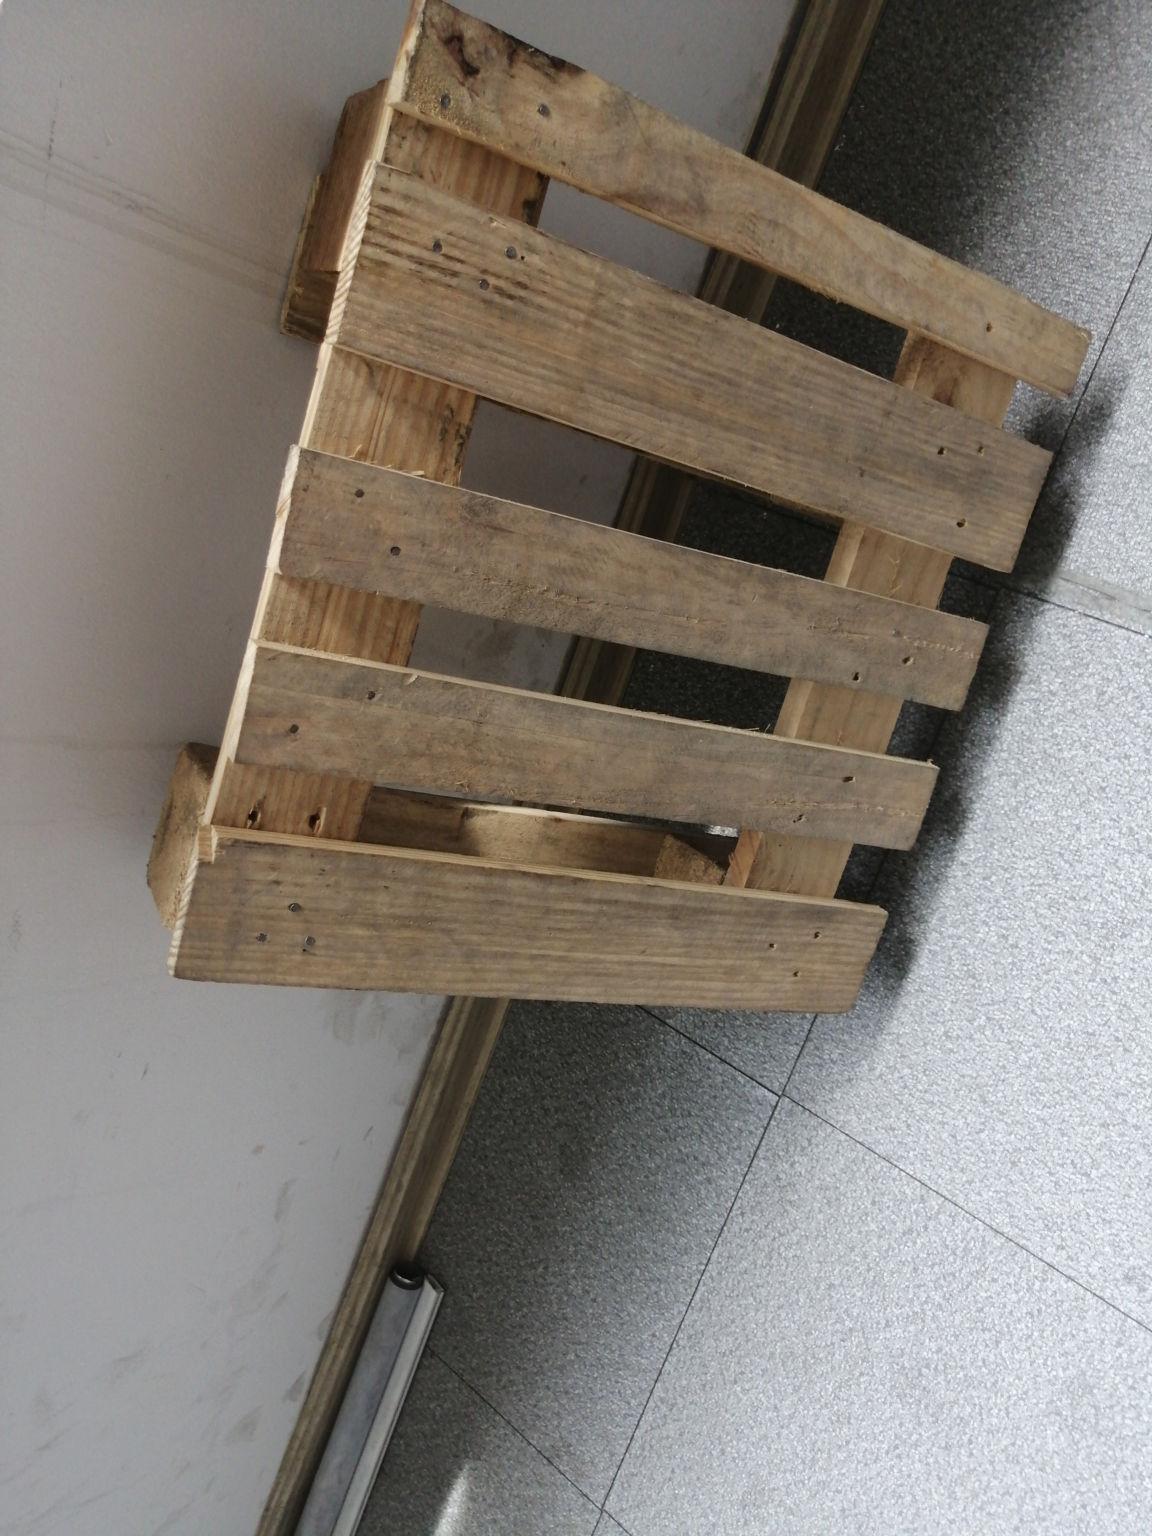 凯??,┆︻&➦ピ建筑胶合板供应批发专注凯??,∨┻建筑胶合板供应批发[